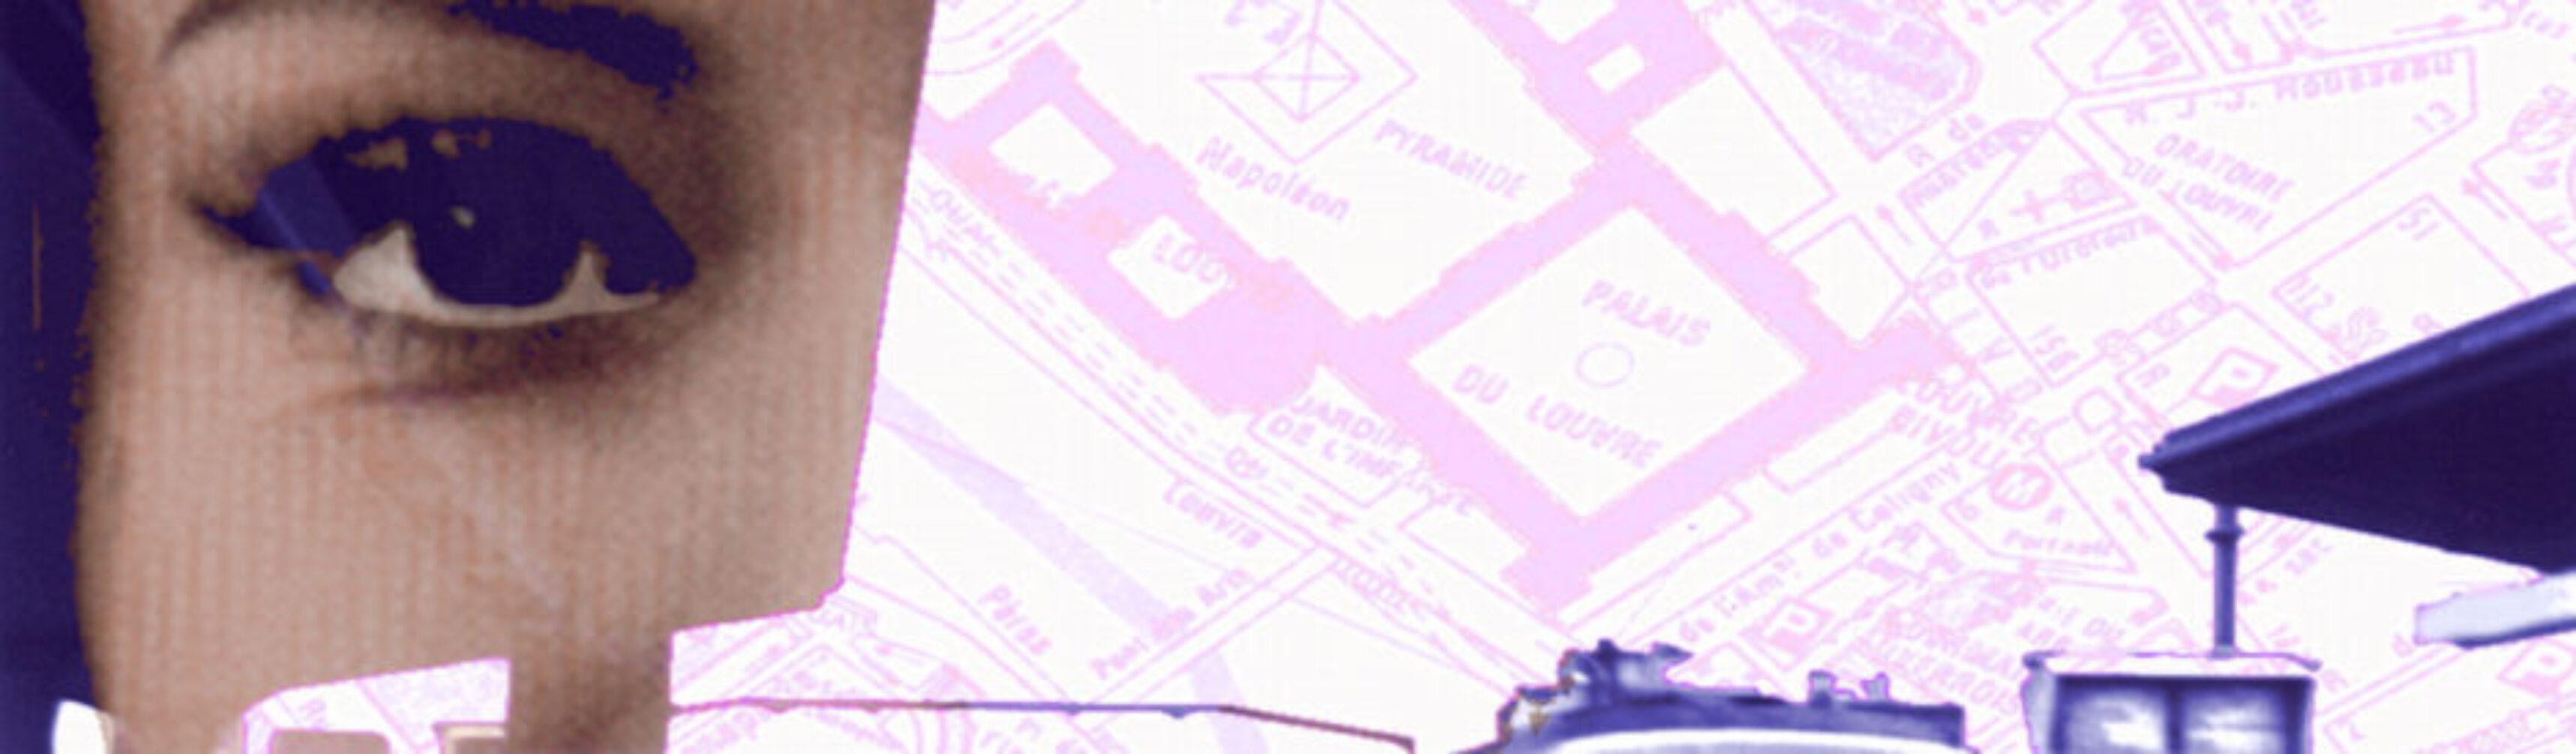 Day-021_01-Eric-Scott-Paris-A-Musical-Overpass